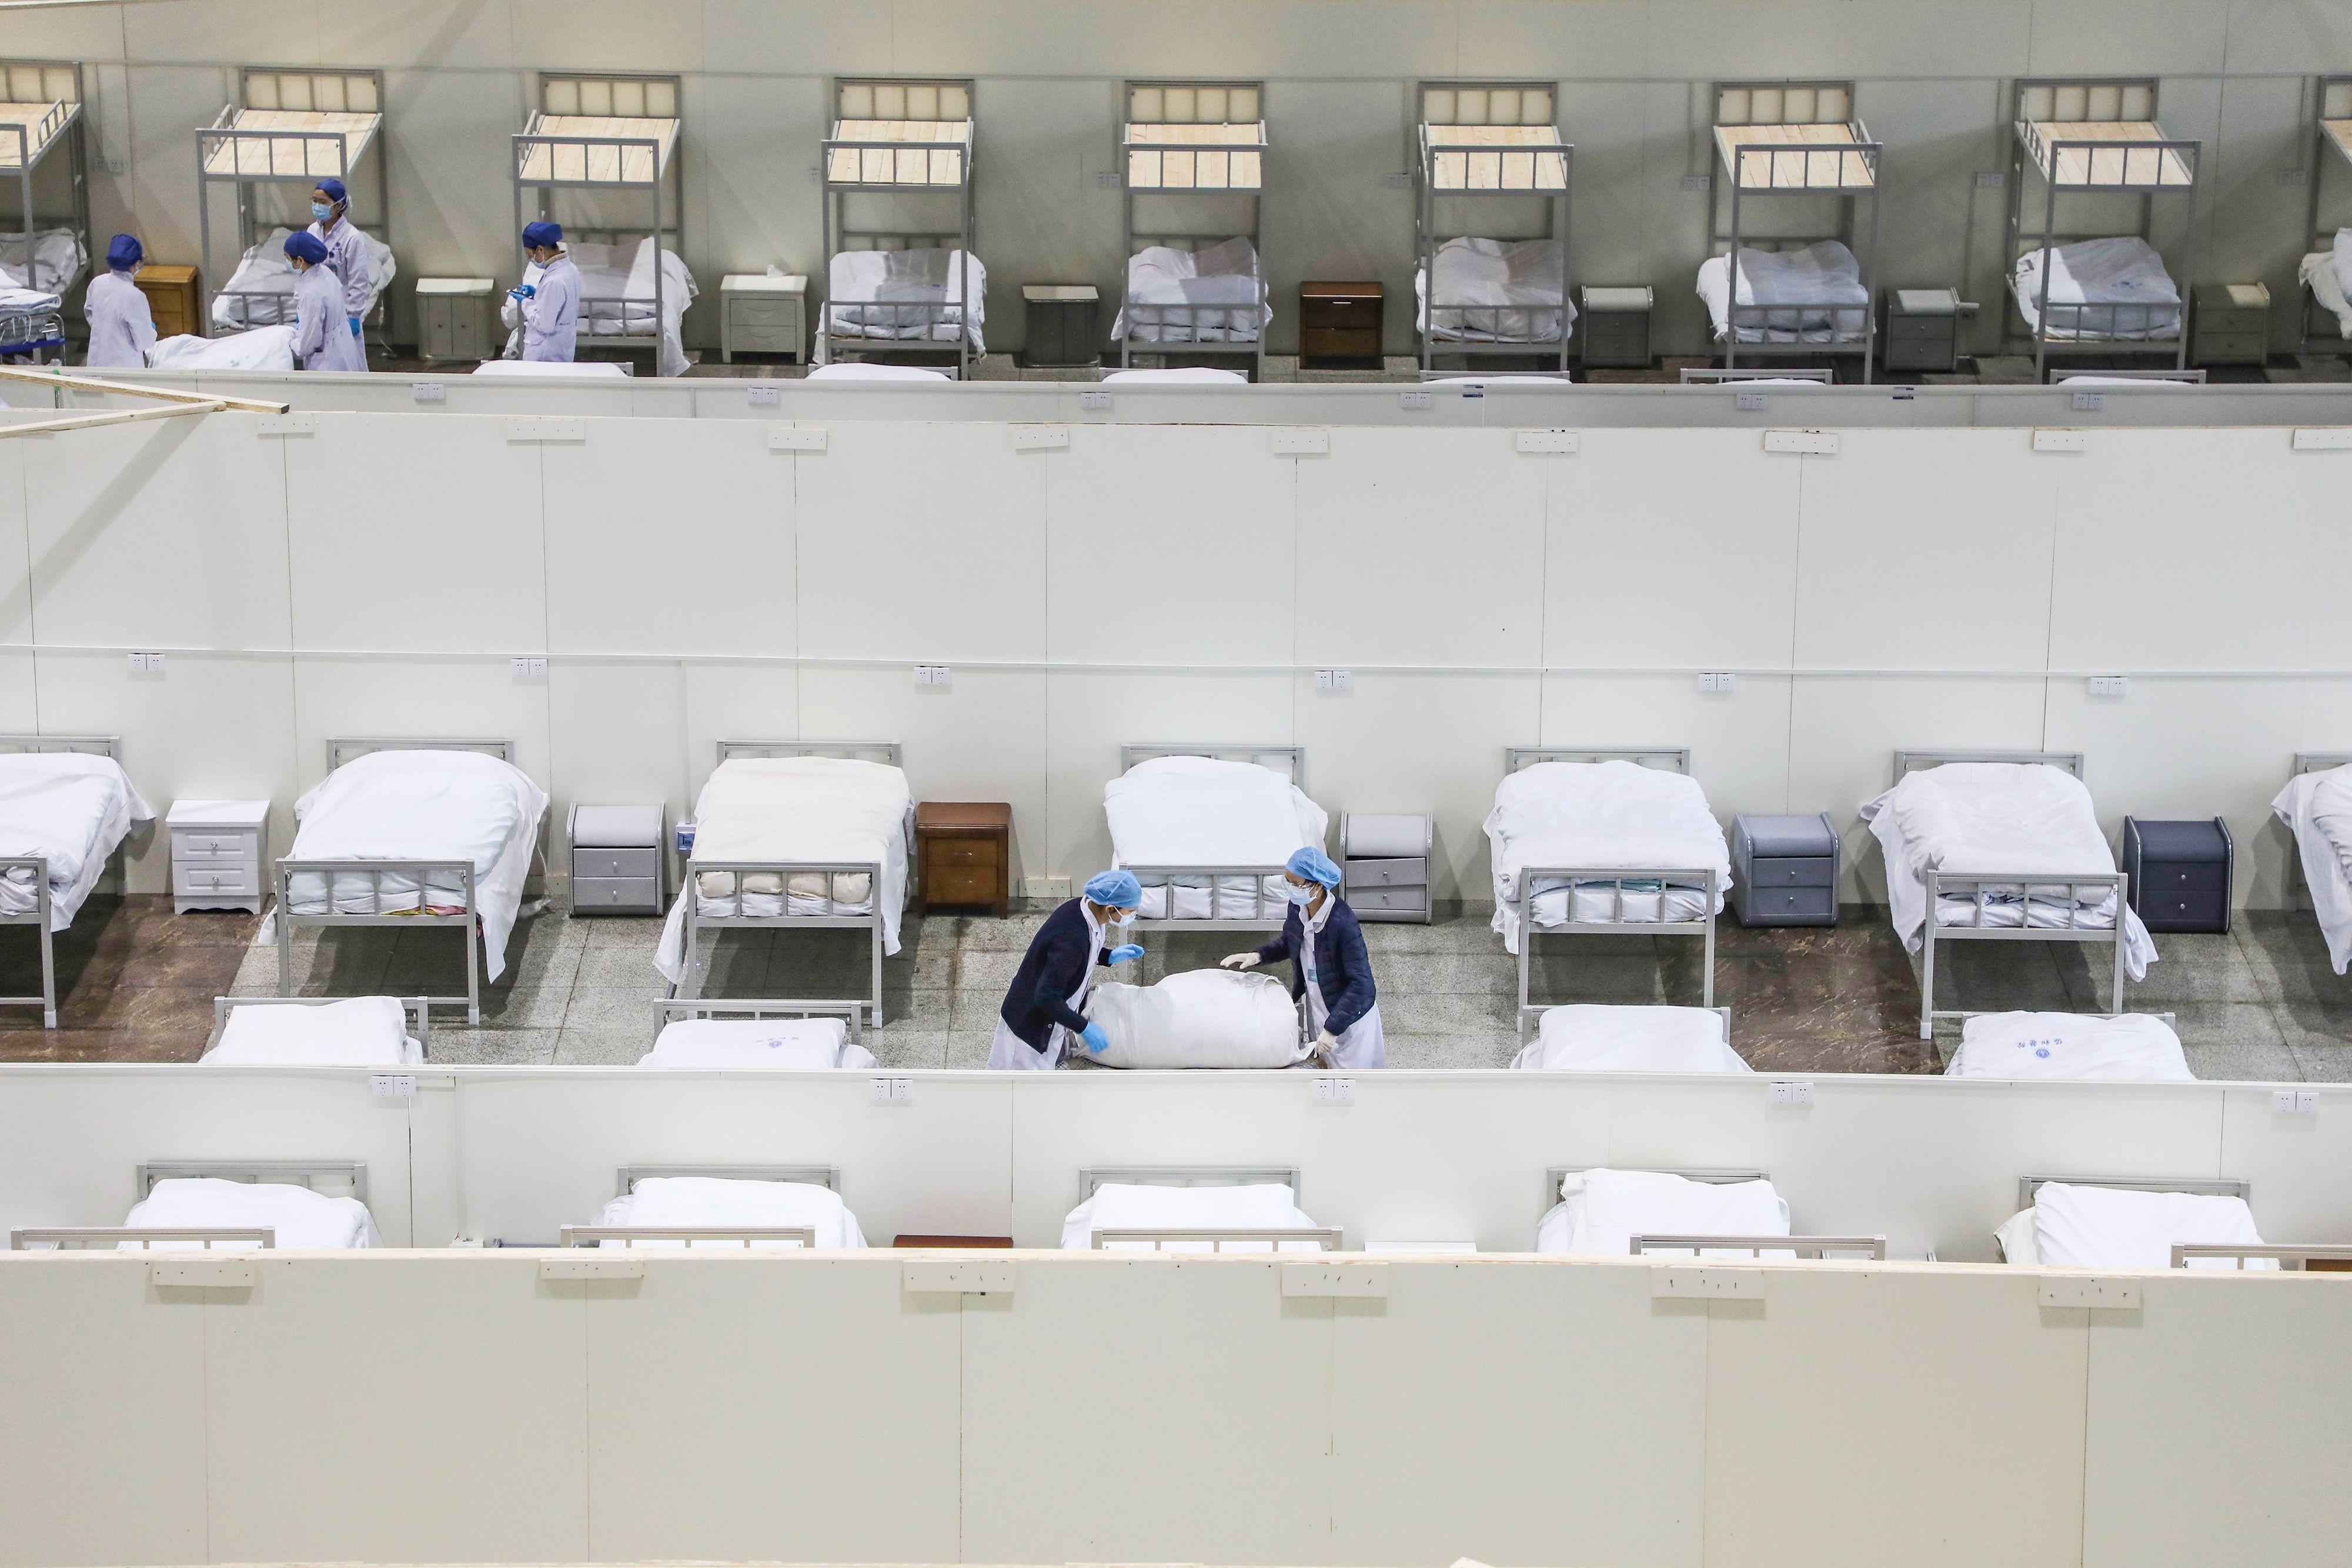 新型肺炎がアフリカ波及なら死者1000万人も、ゲイツ氏が警告-英紙 - Bloomberg